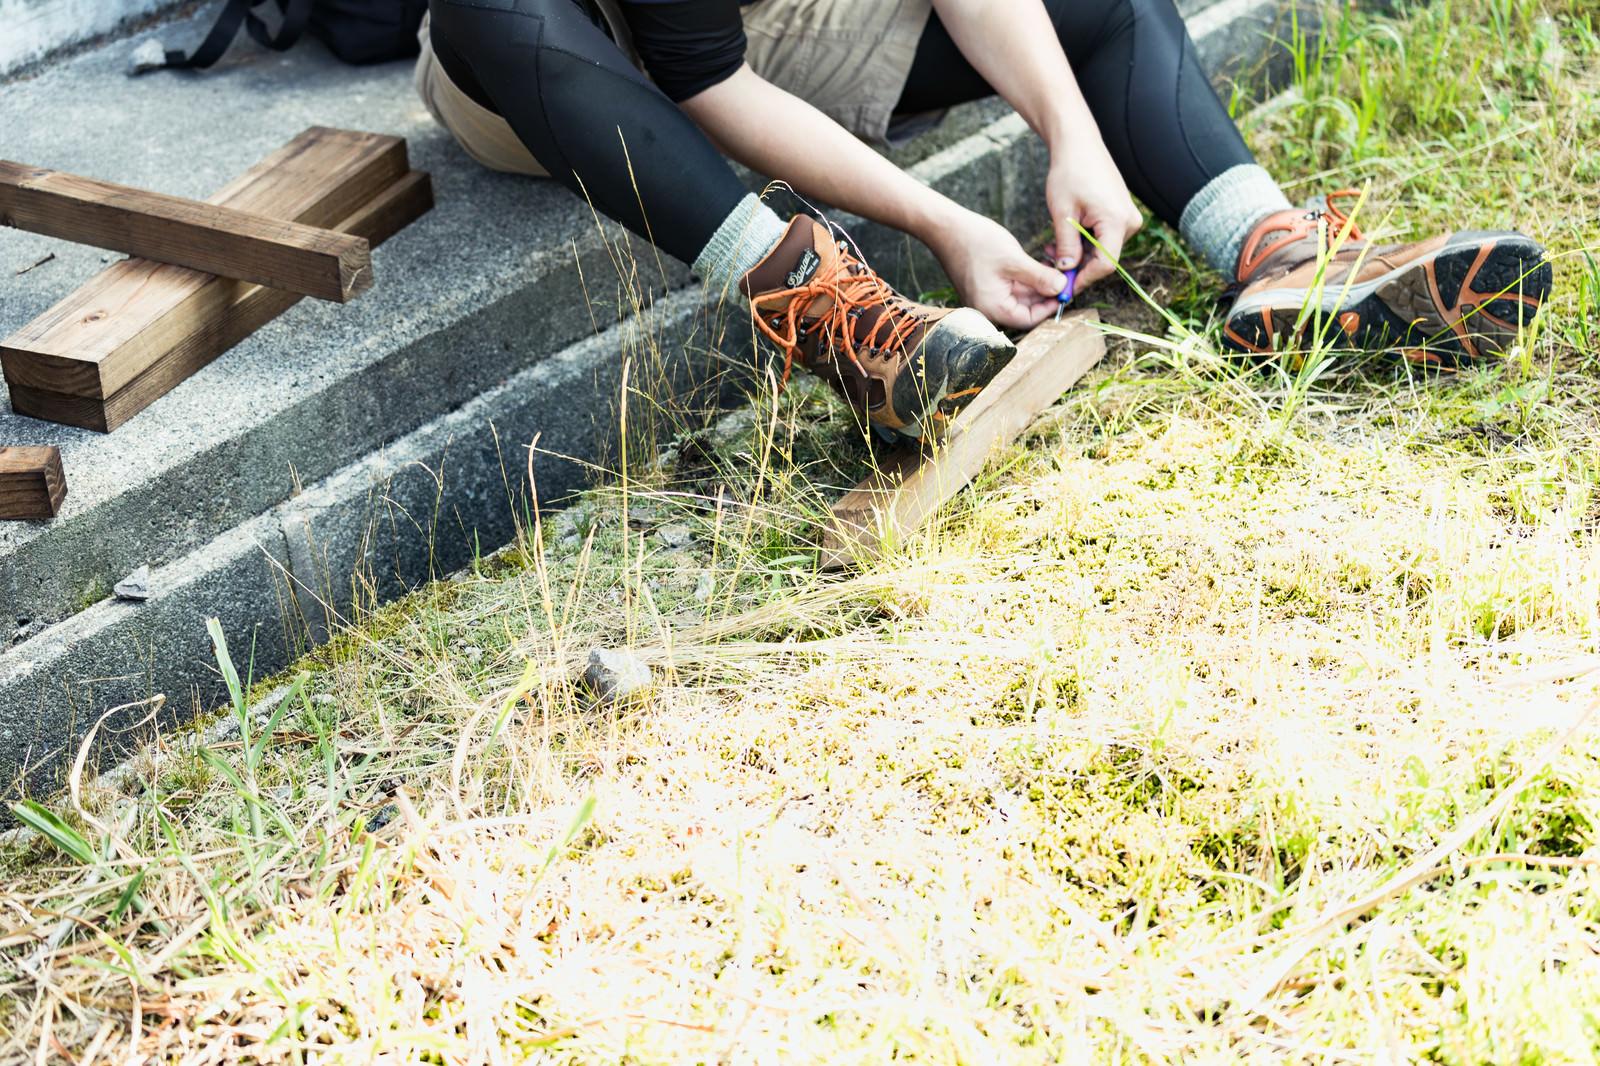 「木の杭に彫刻刀で文字を掘る登山者」の写真